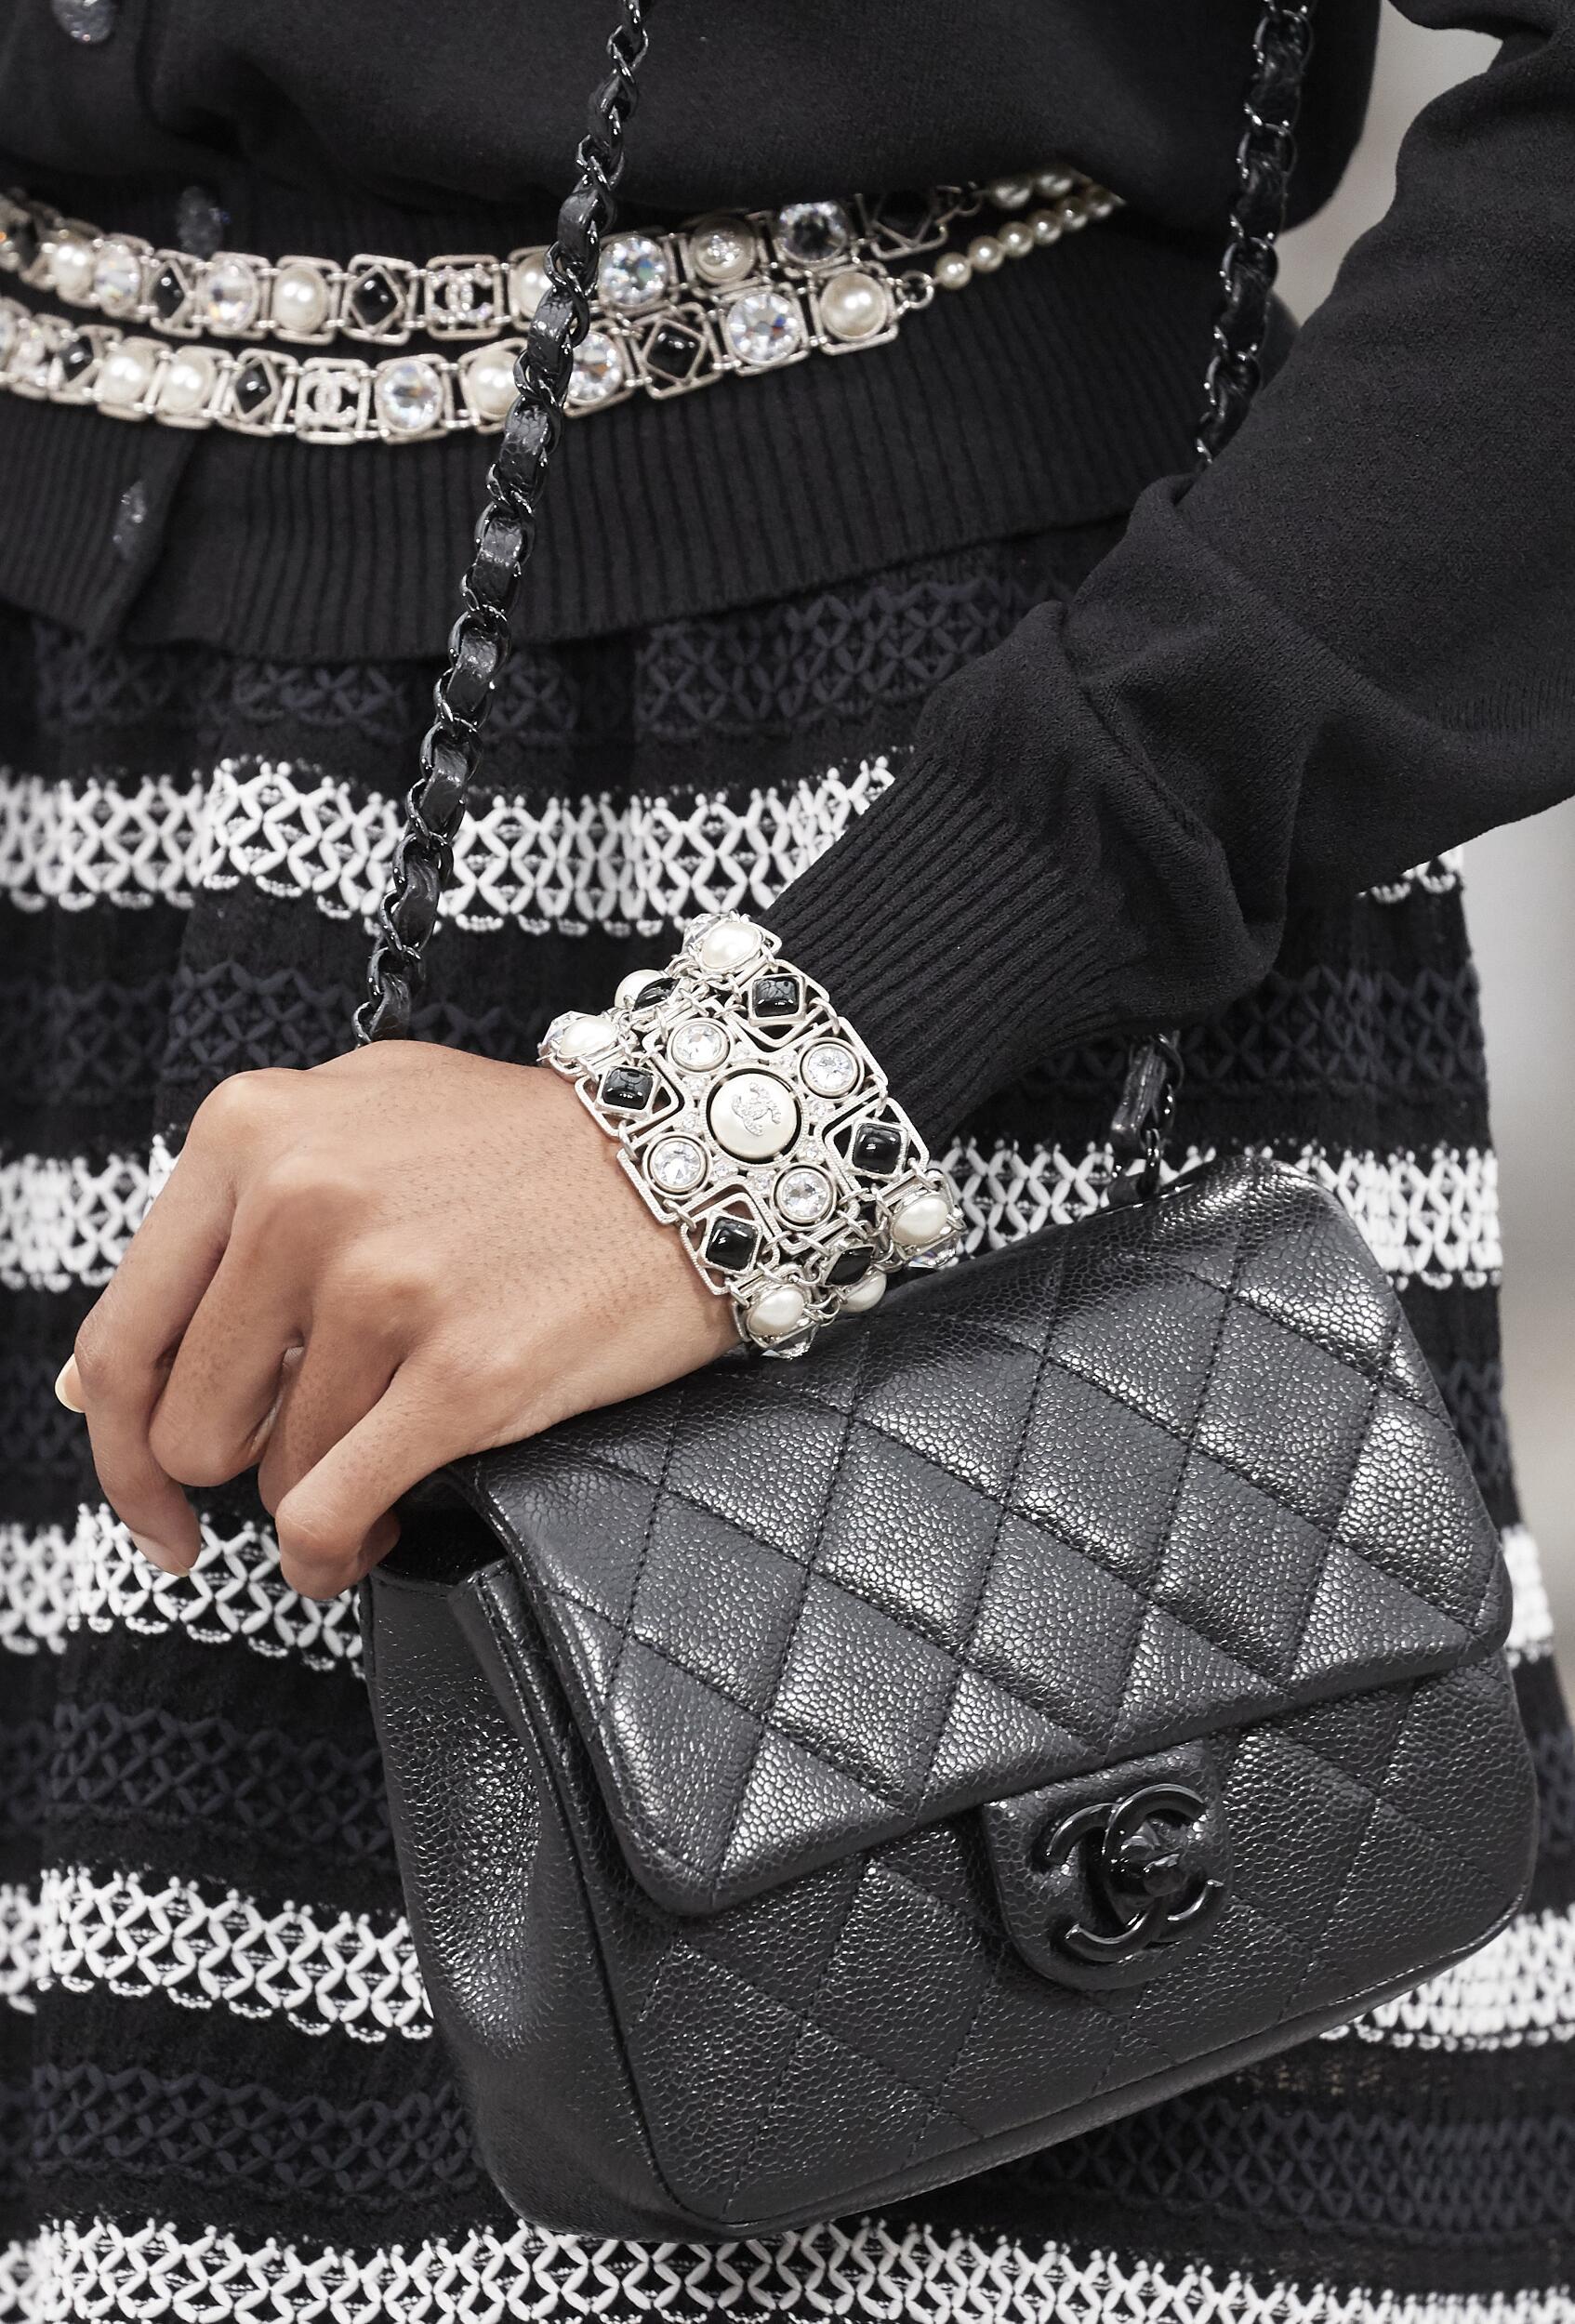 Woman SS 2020 Chanel Bag